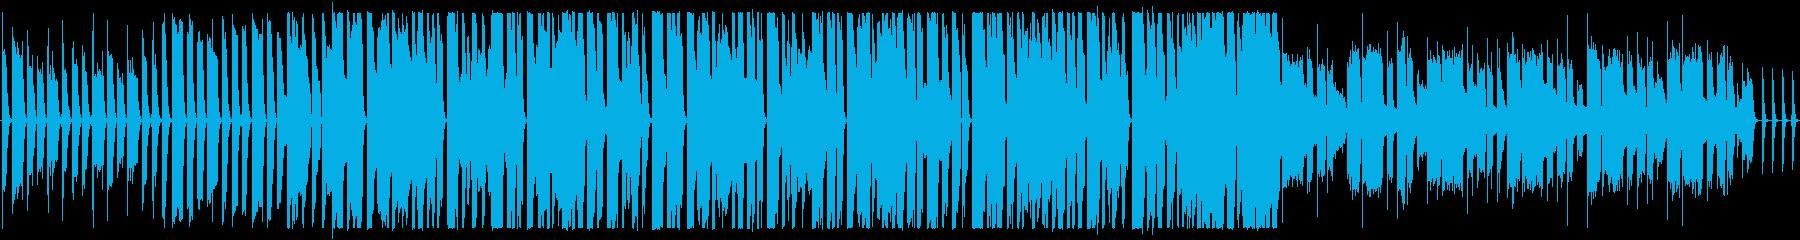 かわいいカントリーの再生済みの波形